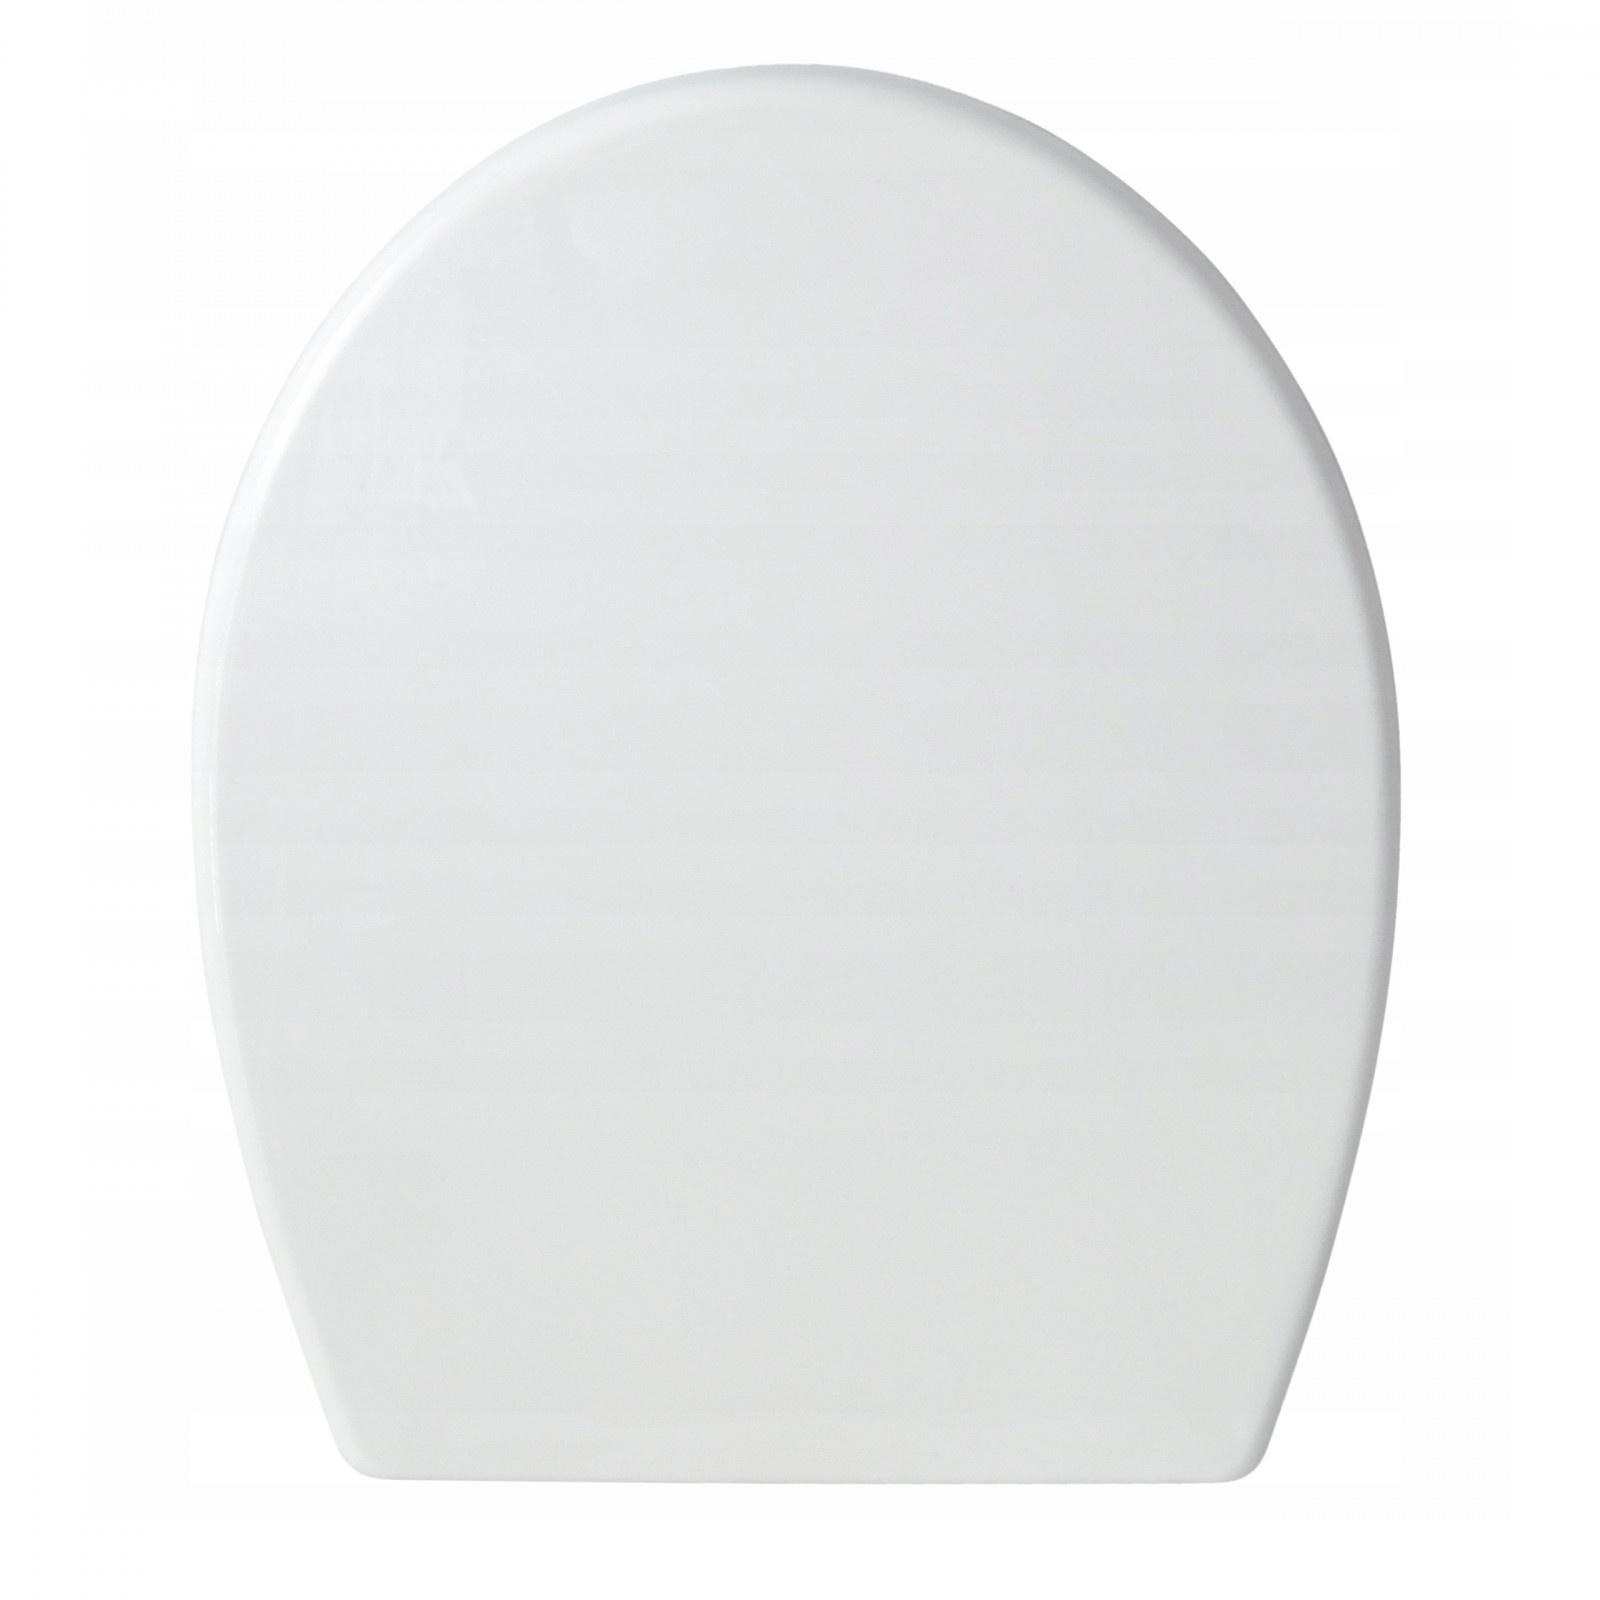 Toaletná WC doska biela 37,3x43,5cm tvrdé sedadlo megamix.sk